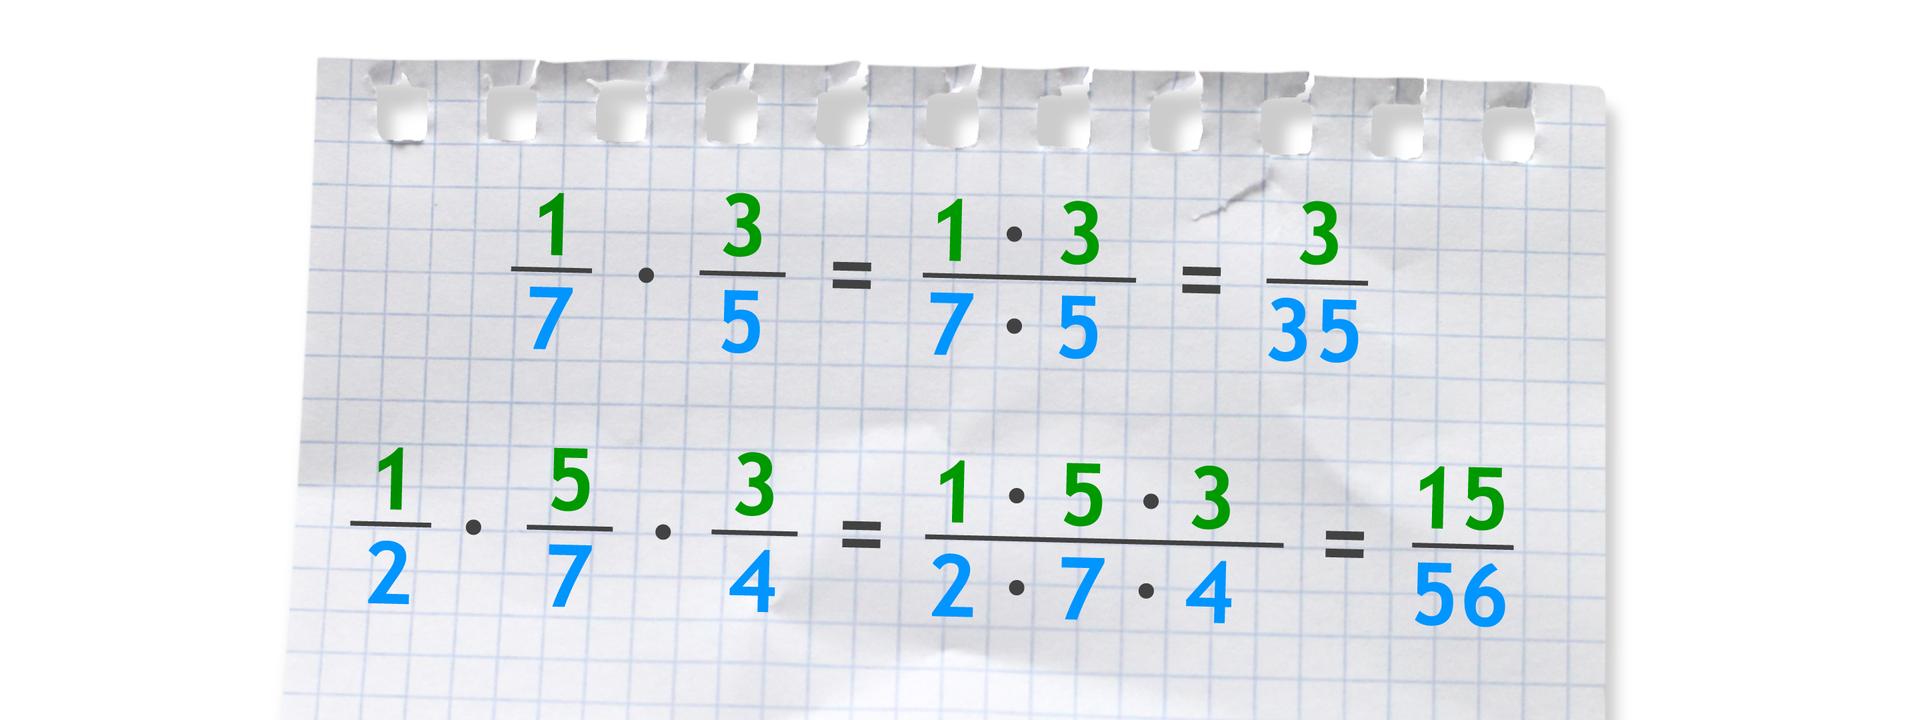 Dwa przykłady. Pierwszy: jedna siódma razy trzy piąte (w liczniku ułamka 1 razy 3, wmianowniku 7 razy 5) równa się trzy trzydzieste piąte. Drugi: jedna druga razy pięć siódmych razy trzy czwarte (w liczniku ułamka 1 razy 5 razy 3, wmianowniku 2 razy 7 razy 4) równa się piętnaście pięćdziesiąt szóstych.